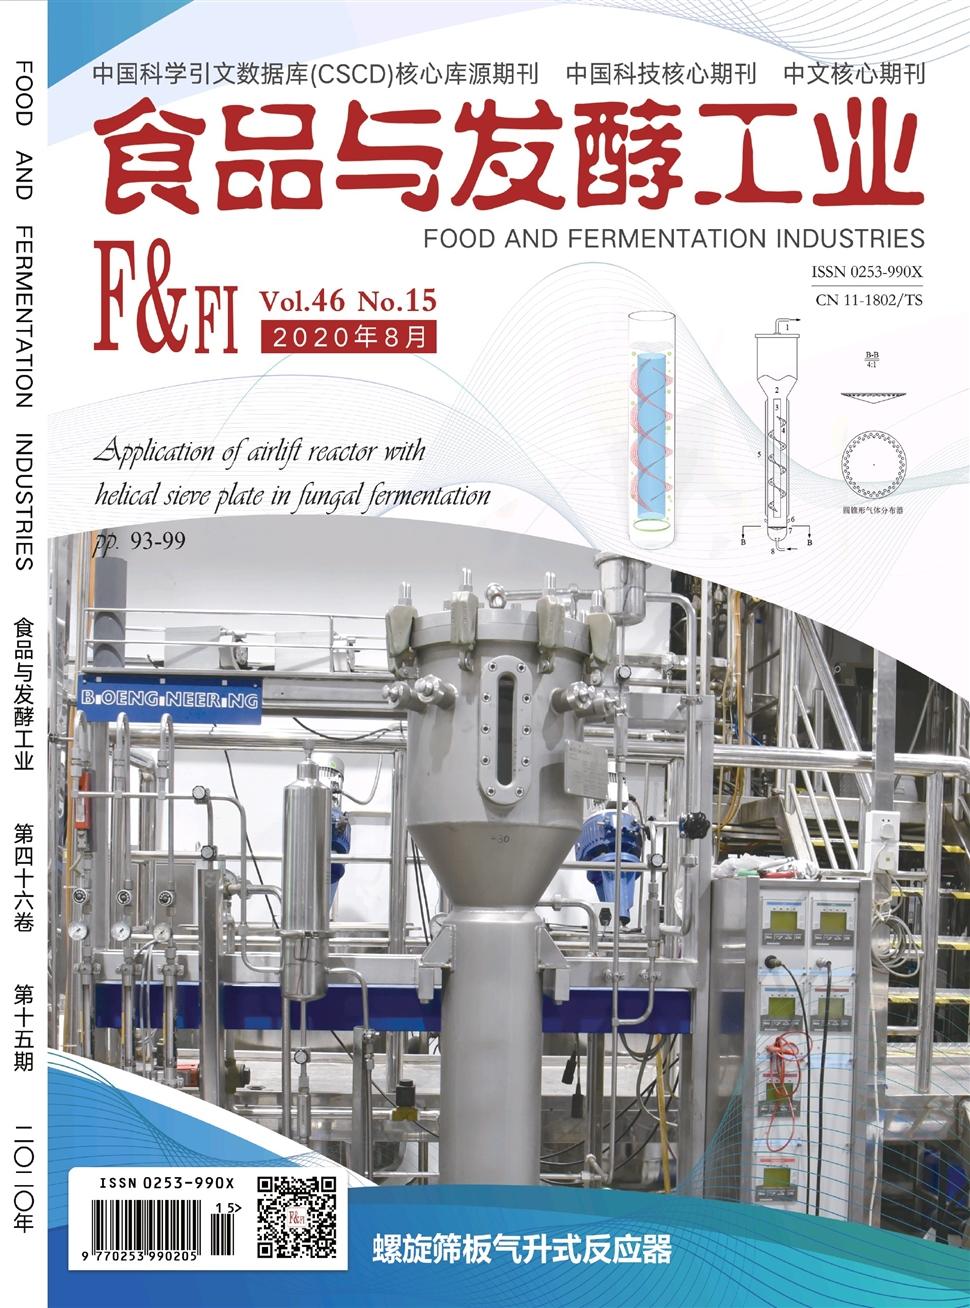 《食品与发酵工业》